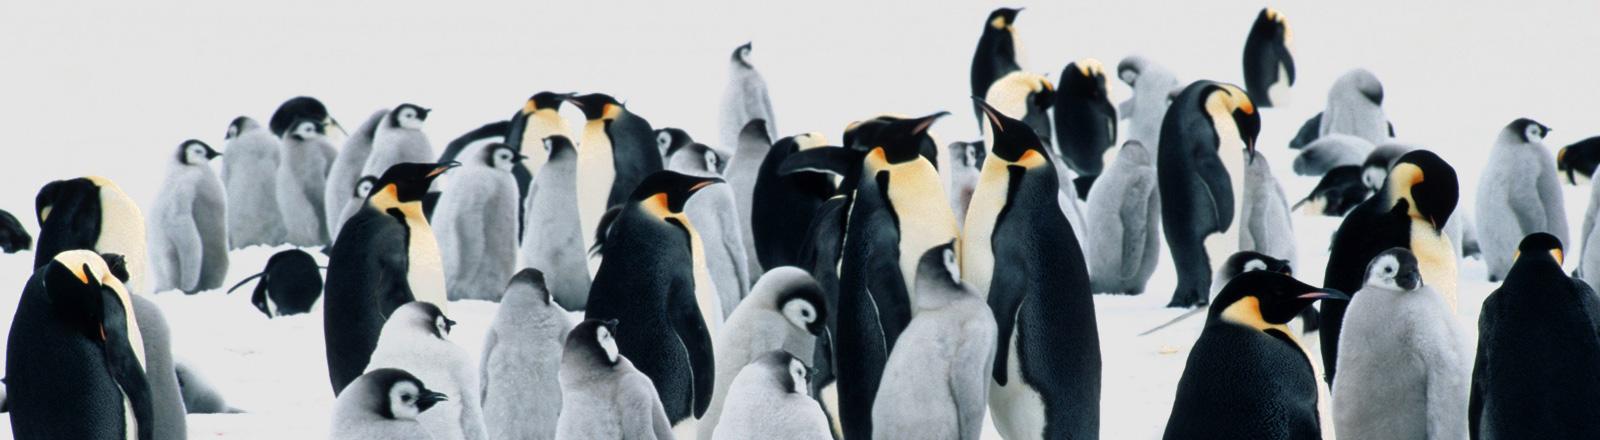 Eine Brutkolonie der Kaiserpinguine. Rund 40 Tiere stehen eng beieinander, darunter auch junge graue Tiere; Bild: dpa